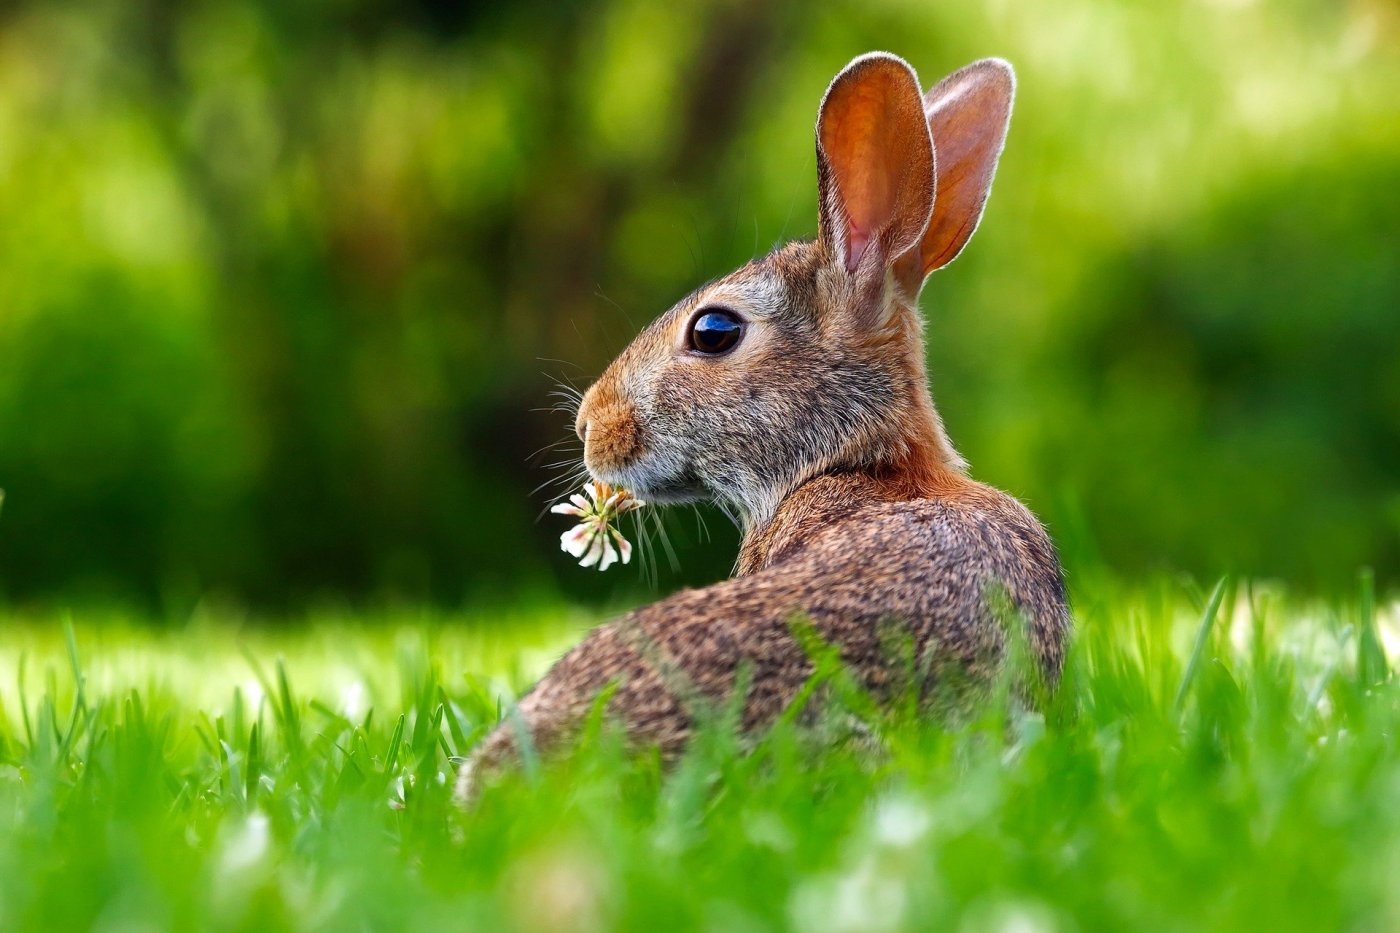 Easter sonnet